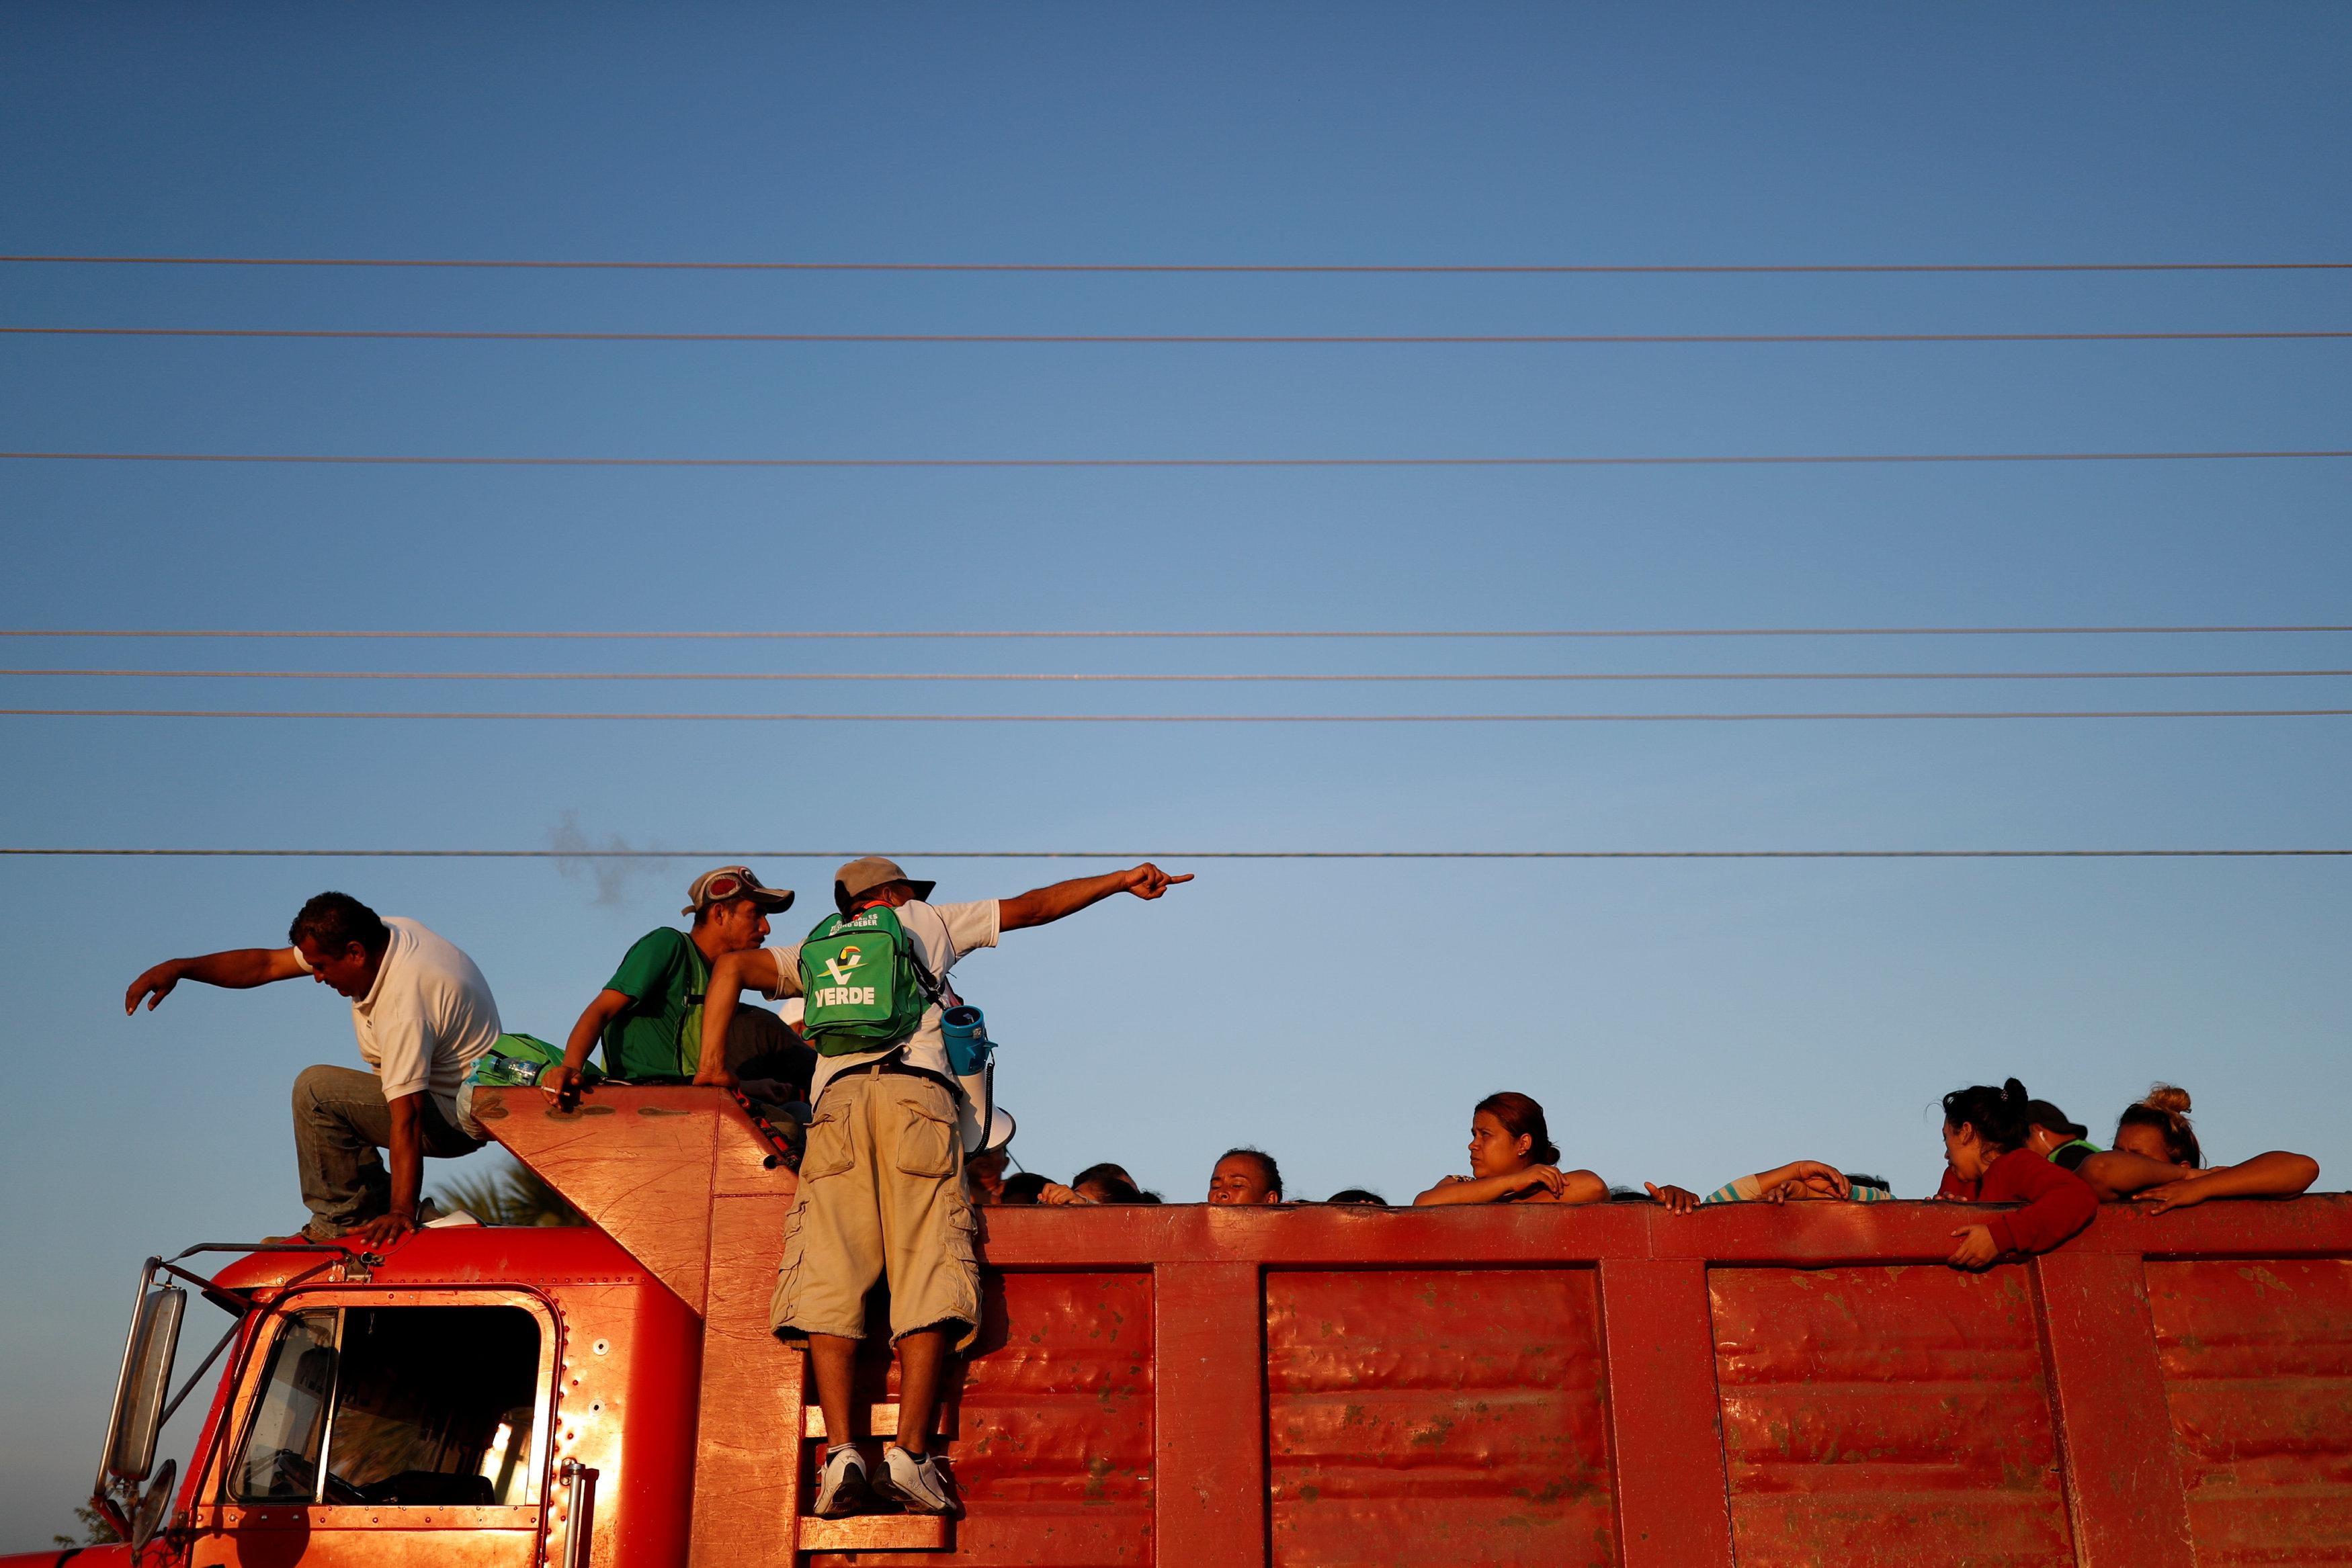 قافلة المهاجرين تواصل تقدمها تجاه أمريكا (2)